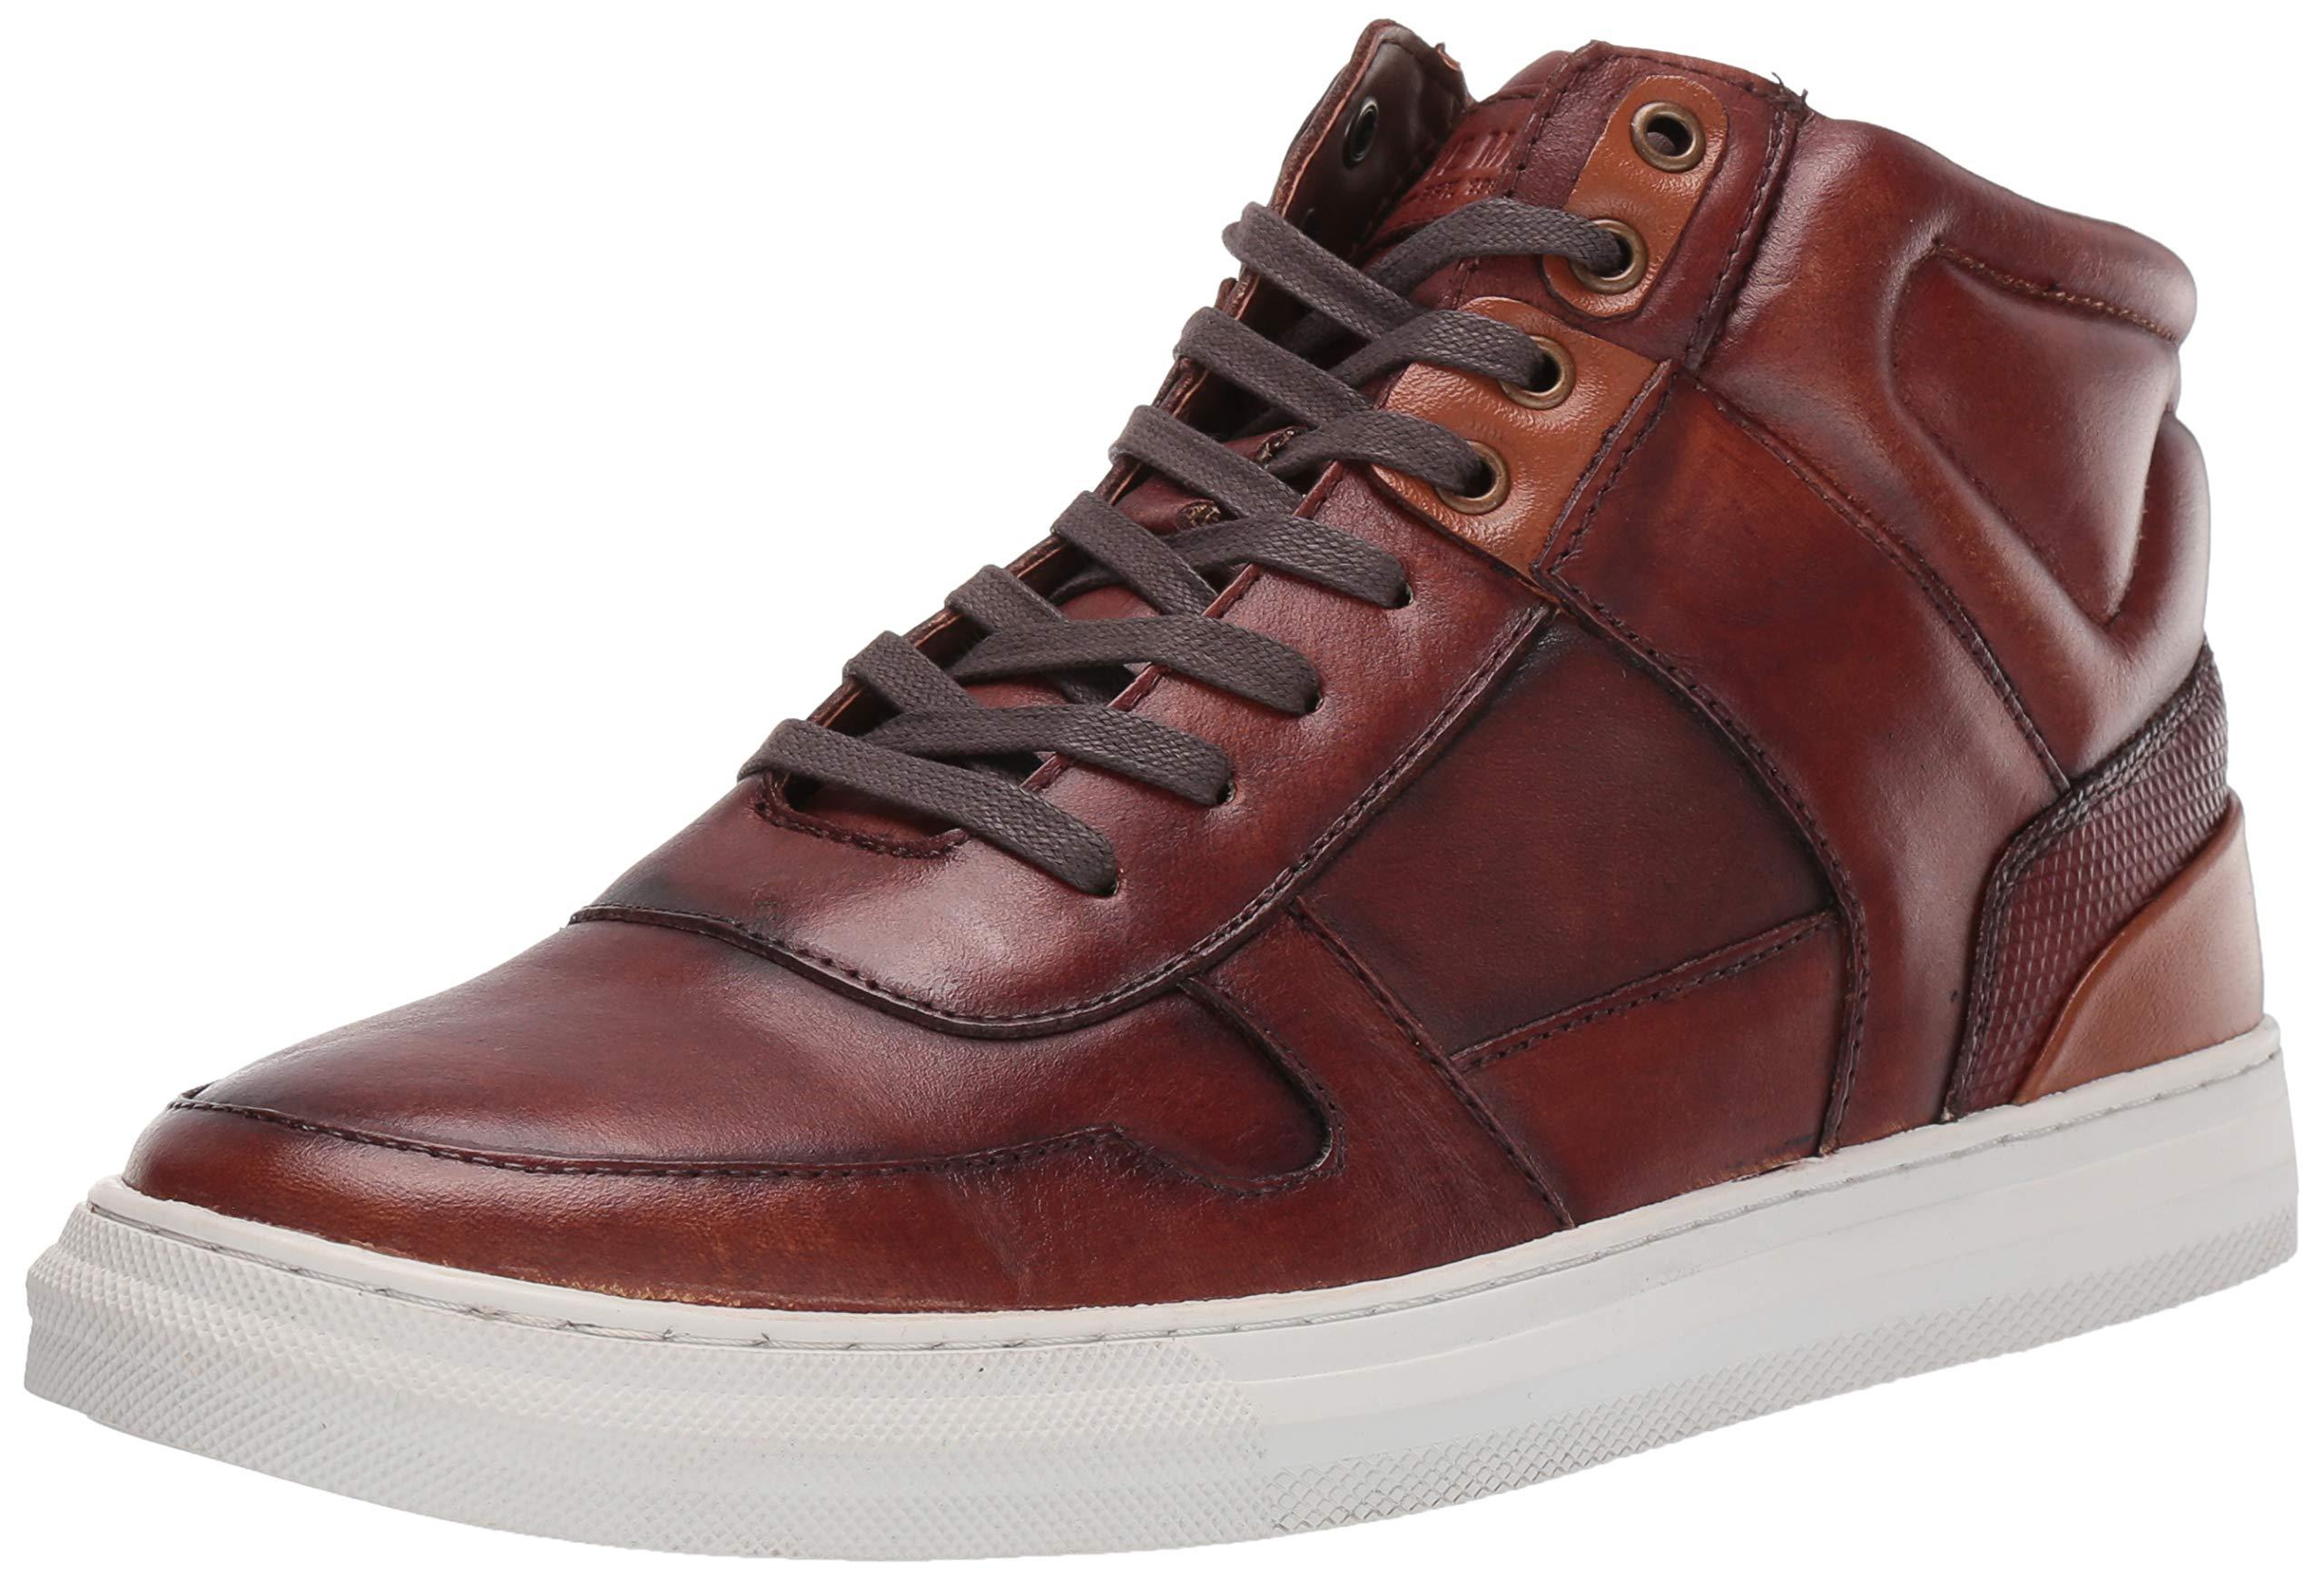 Steve Madden Shoutout Sneaker Leather